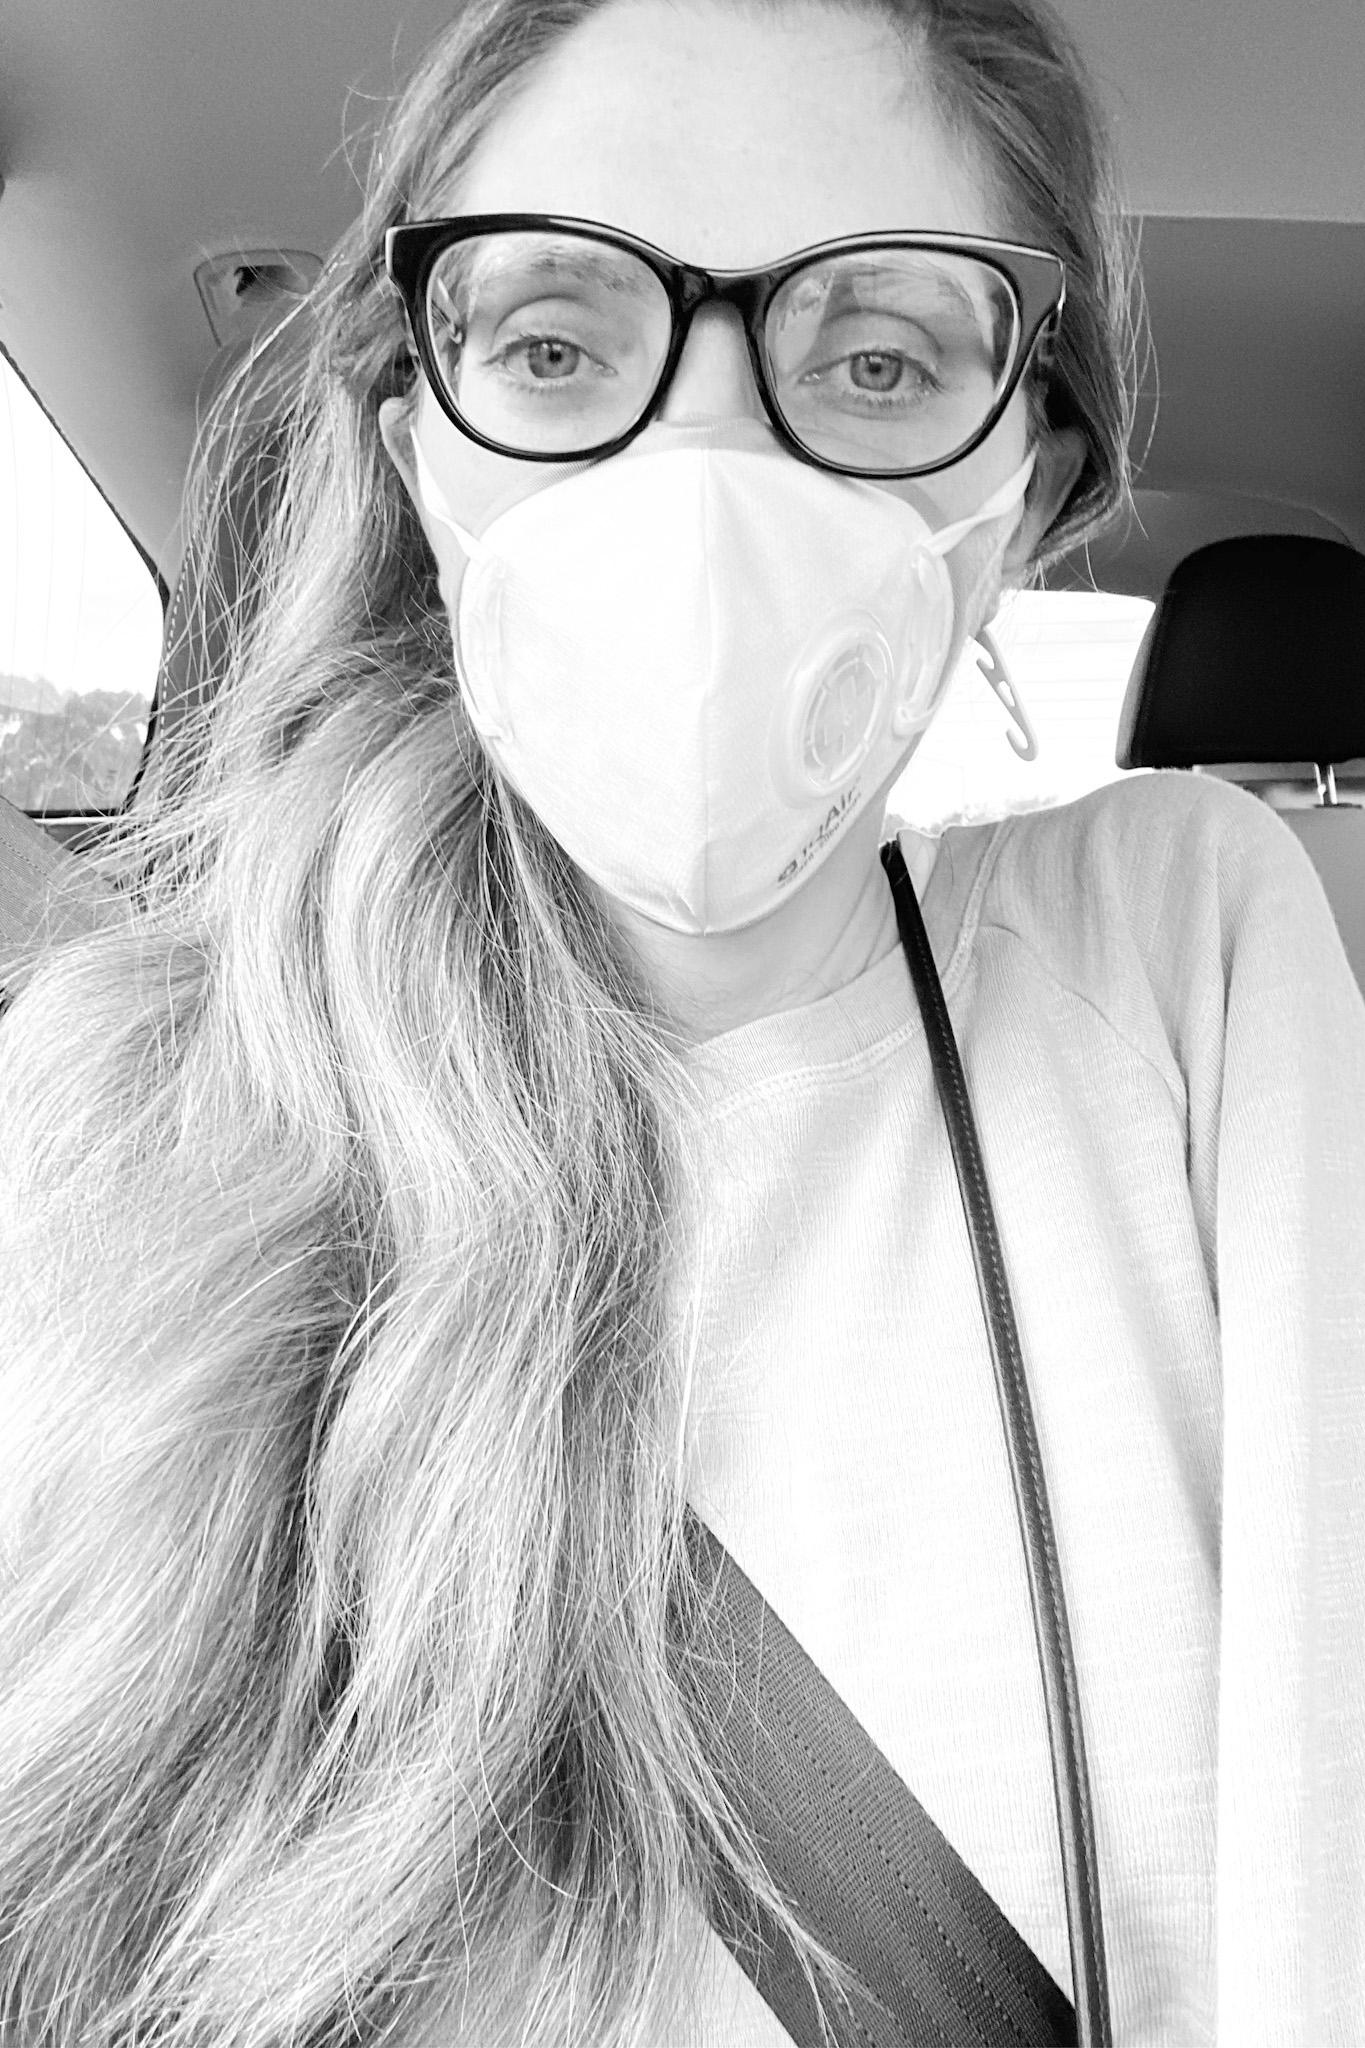 wearing a mask coronavirus